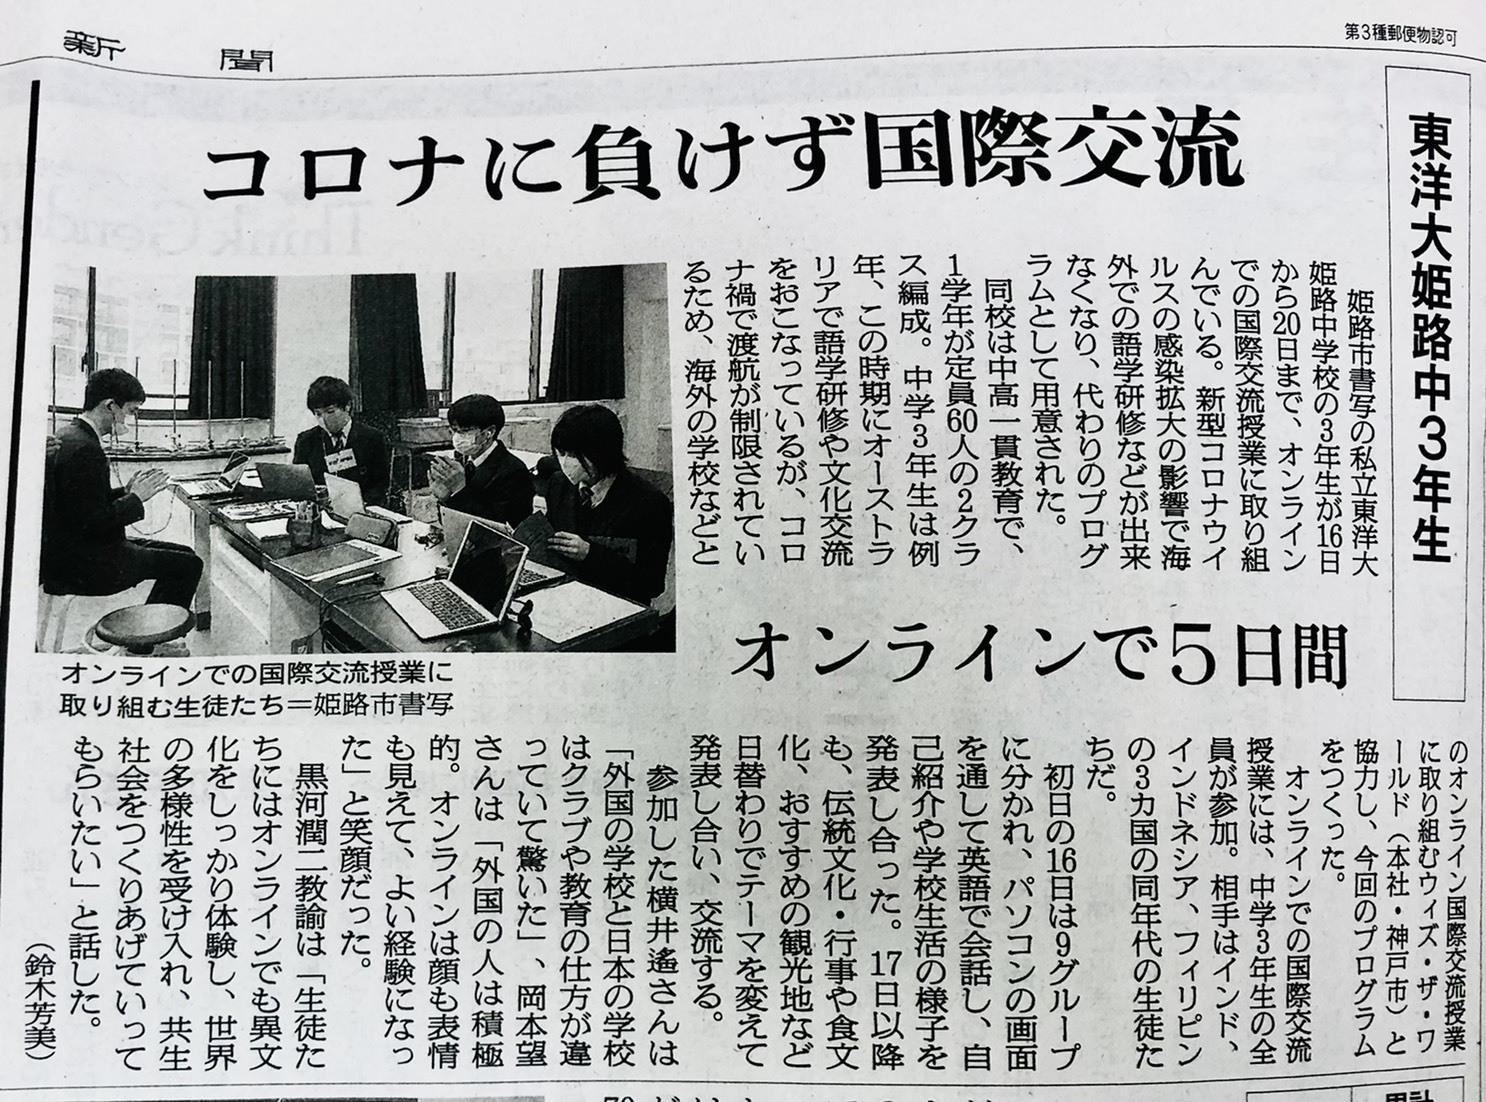 朝日新聞「コロナに負けず国際交流」